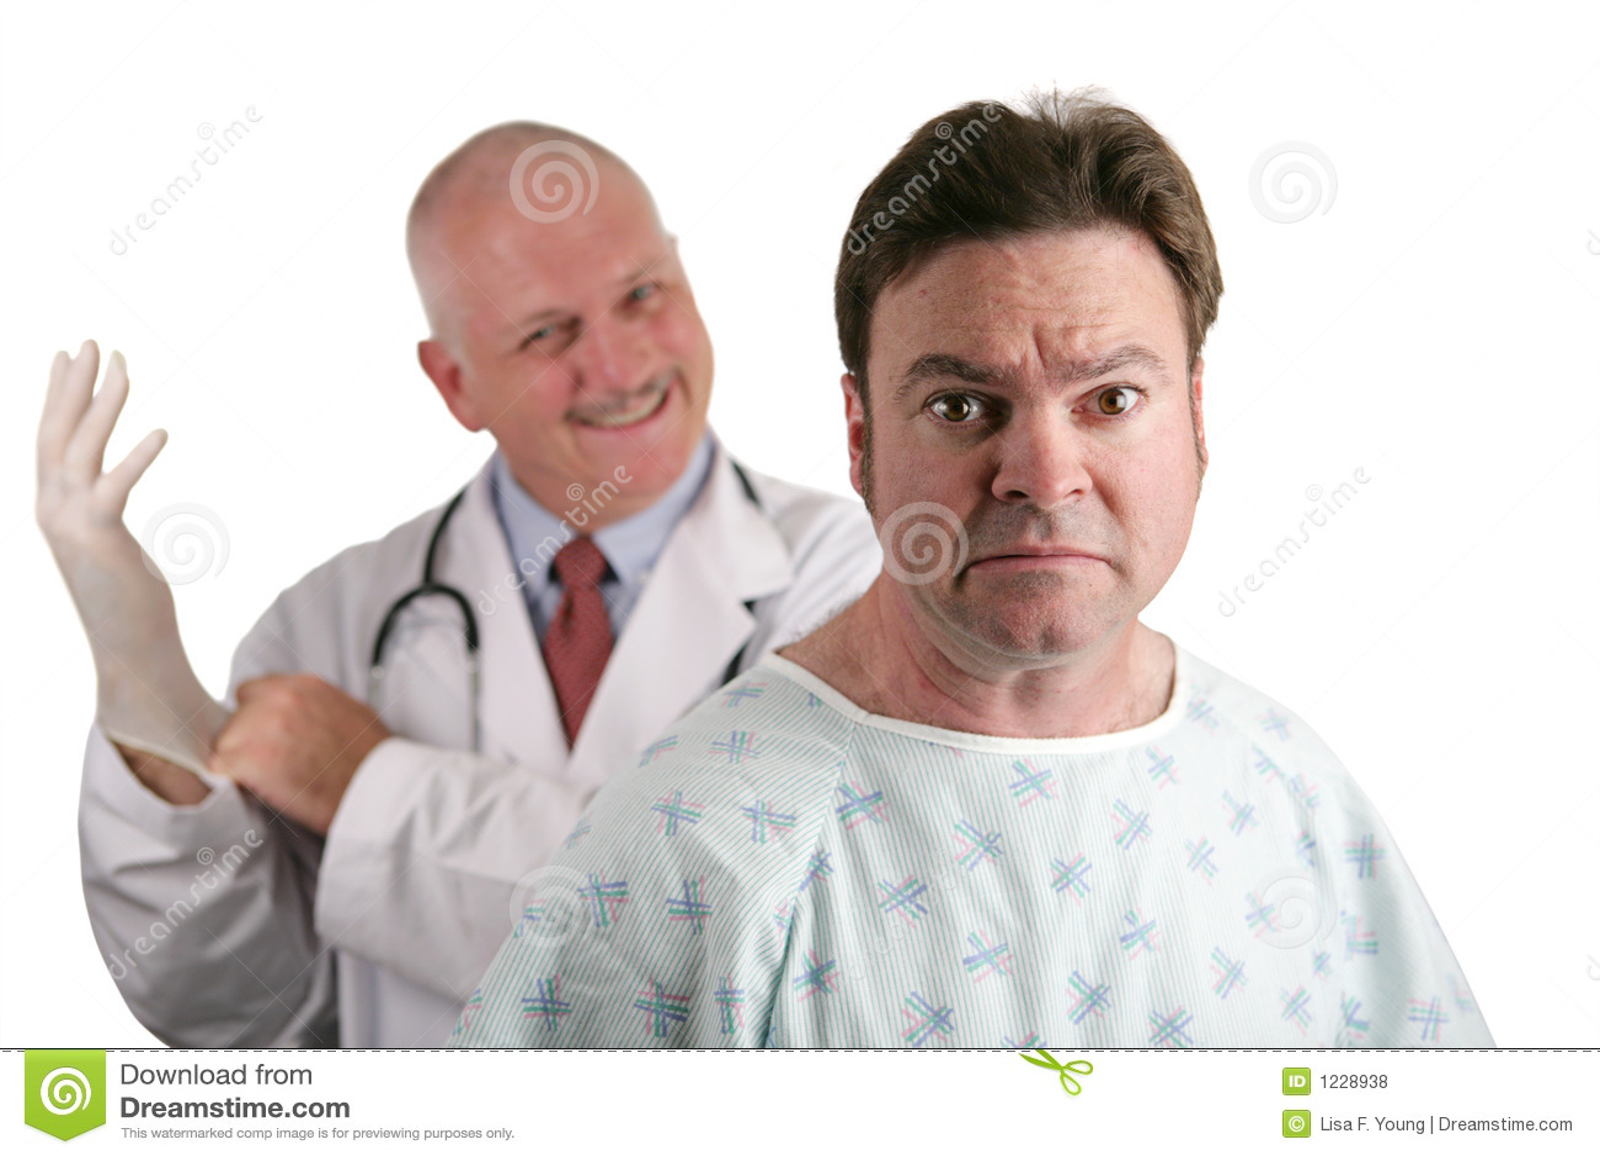 que es un examen de la prostata